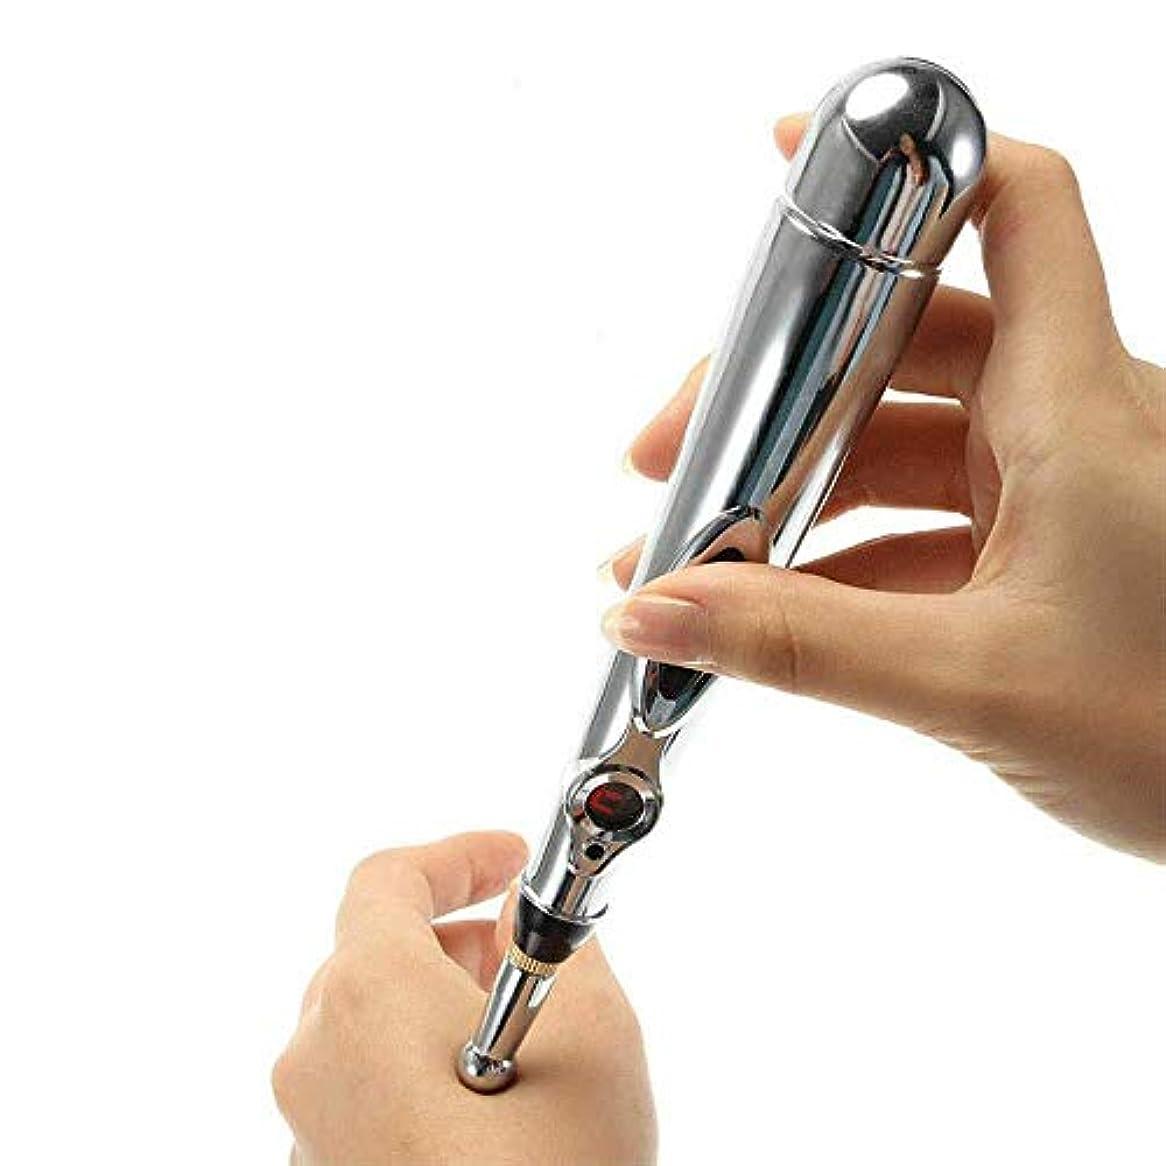 アメリカポンペイハウジングLT 鍼治療用ペン、3種類のマッサージヘッドを備えた電子針、正確な経絡ポイントケアボディパルスマッサージデバイス、強力な経絡エネルギーペンレリーフの痛み